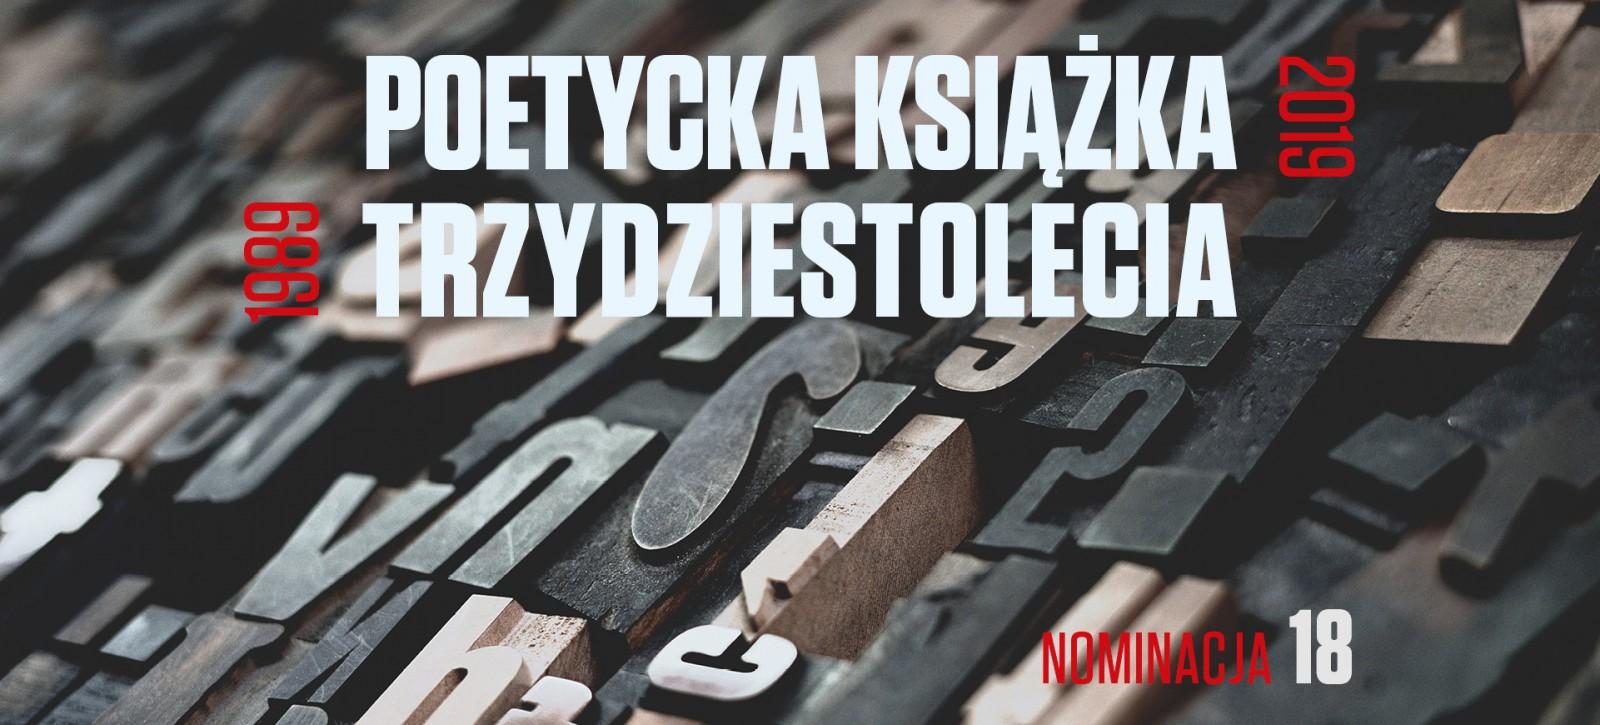 16_DEBATY__Joanna Orska__Poetycka książka trzydziestolecia rekomendacja nr 18